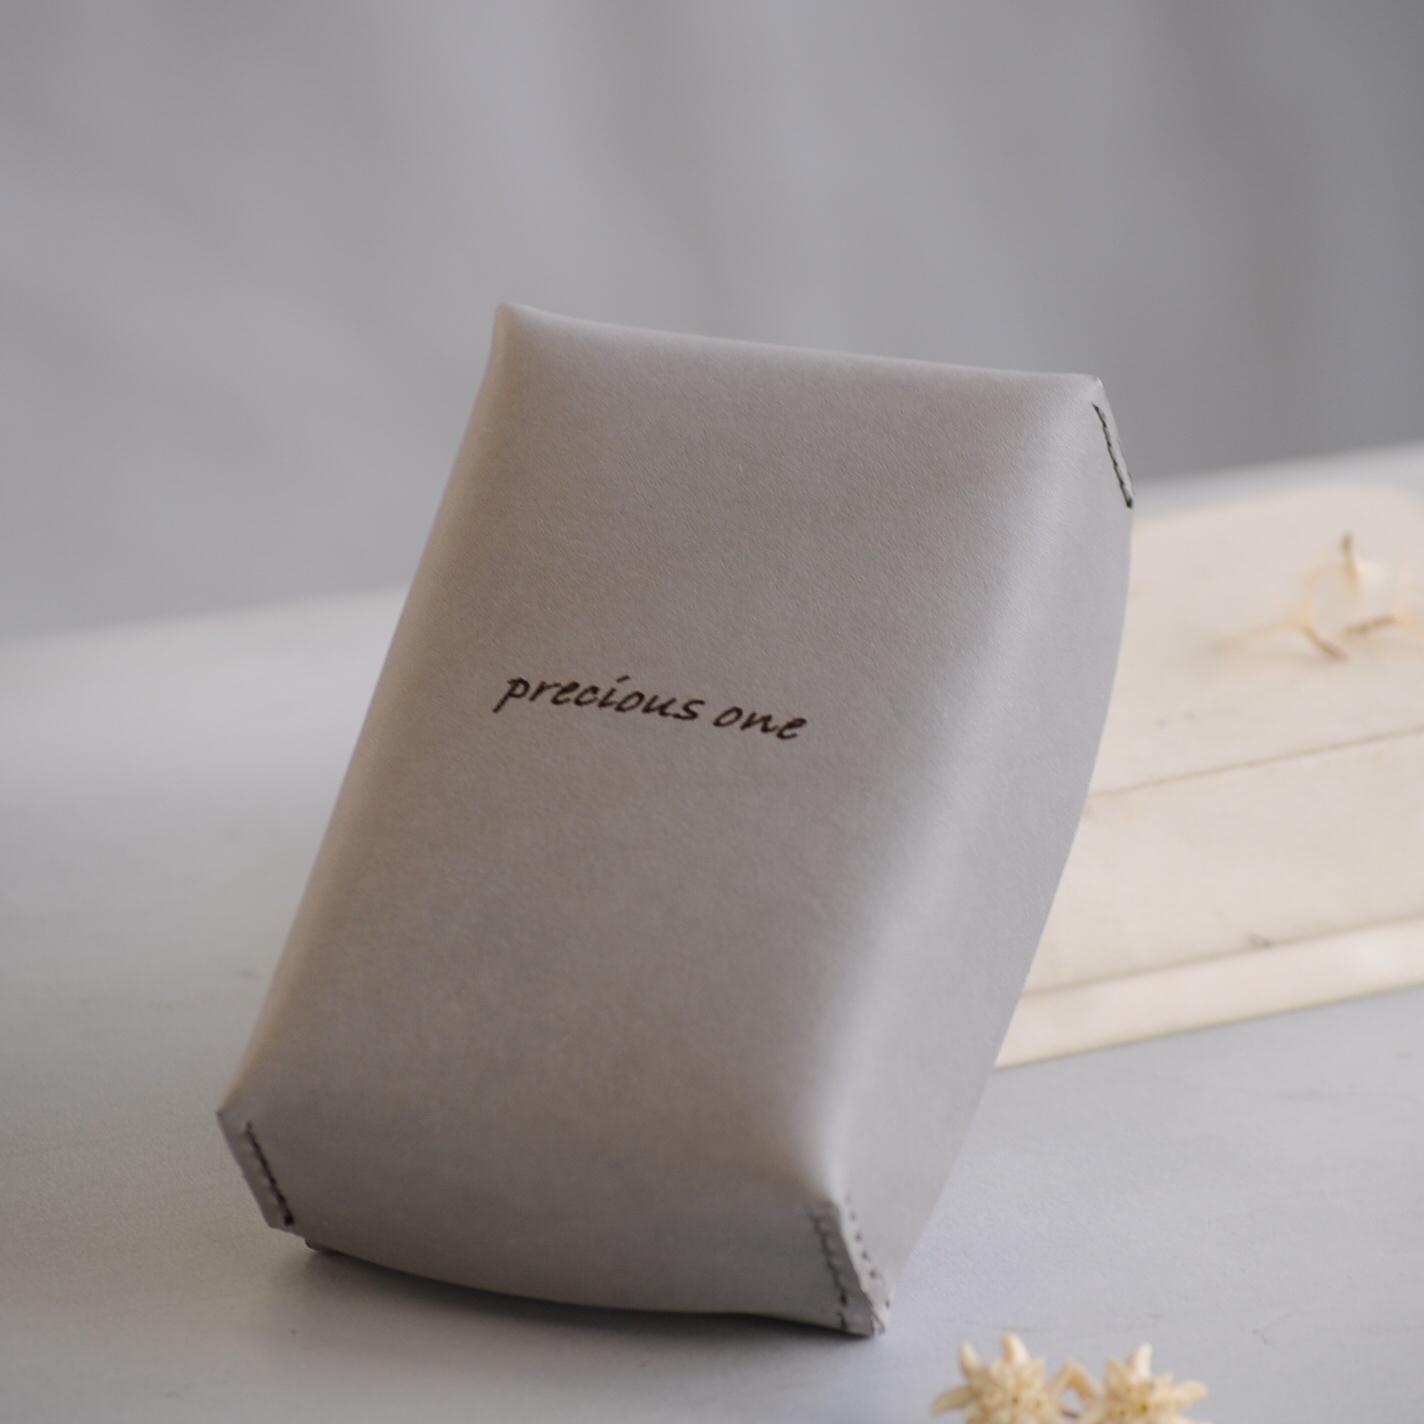 オリジナルボックス | 革のカードボックス